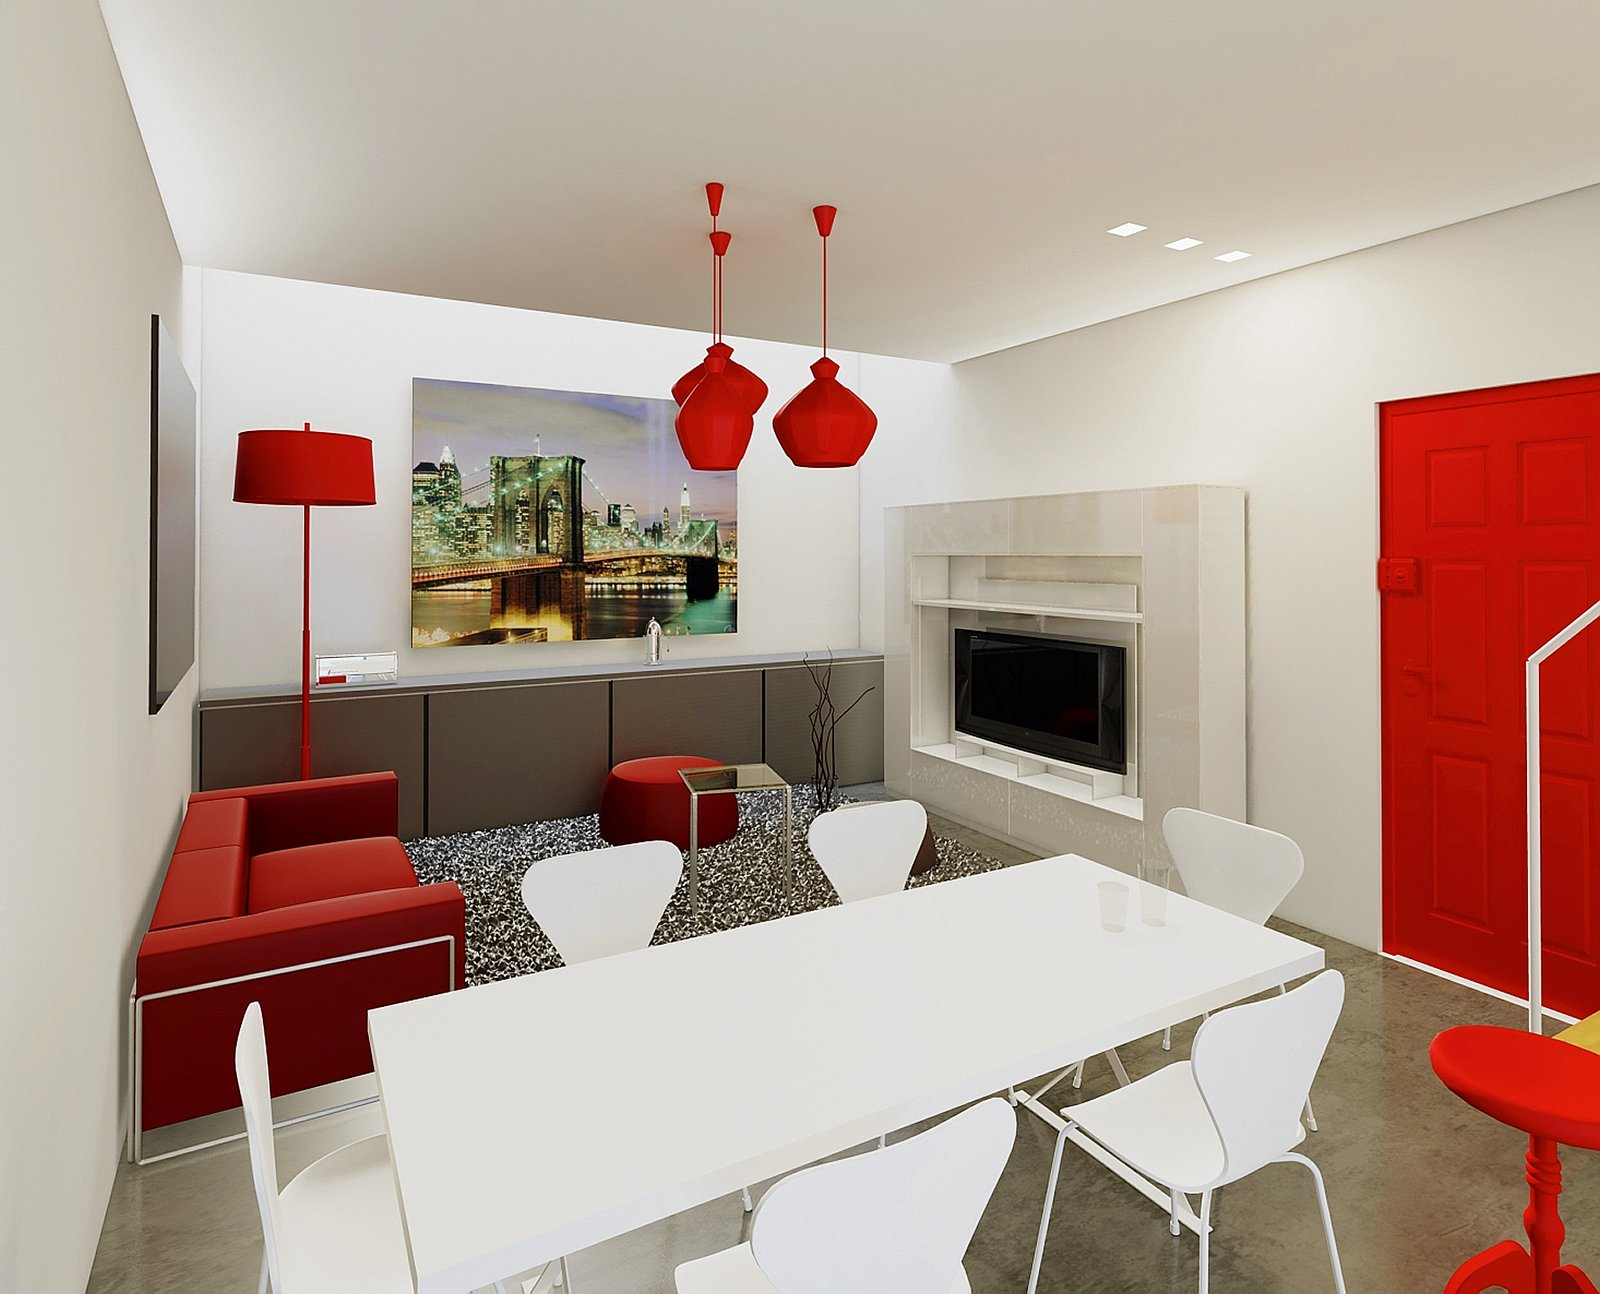 Pi luce 10 idee per moltiplicarla cose di casa - Idee per imbiancare casa ...